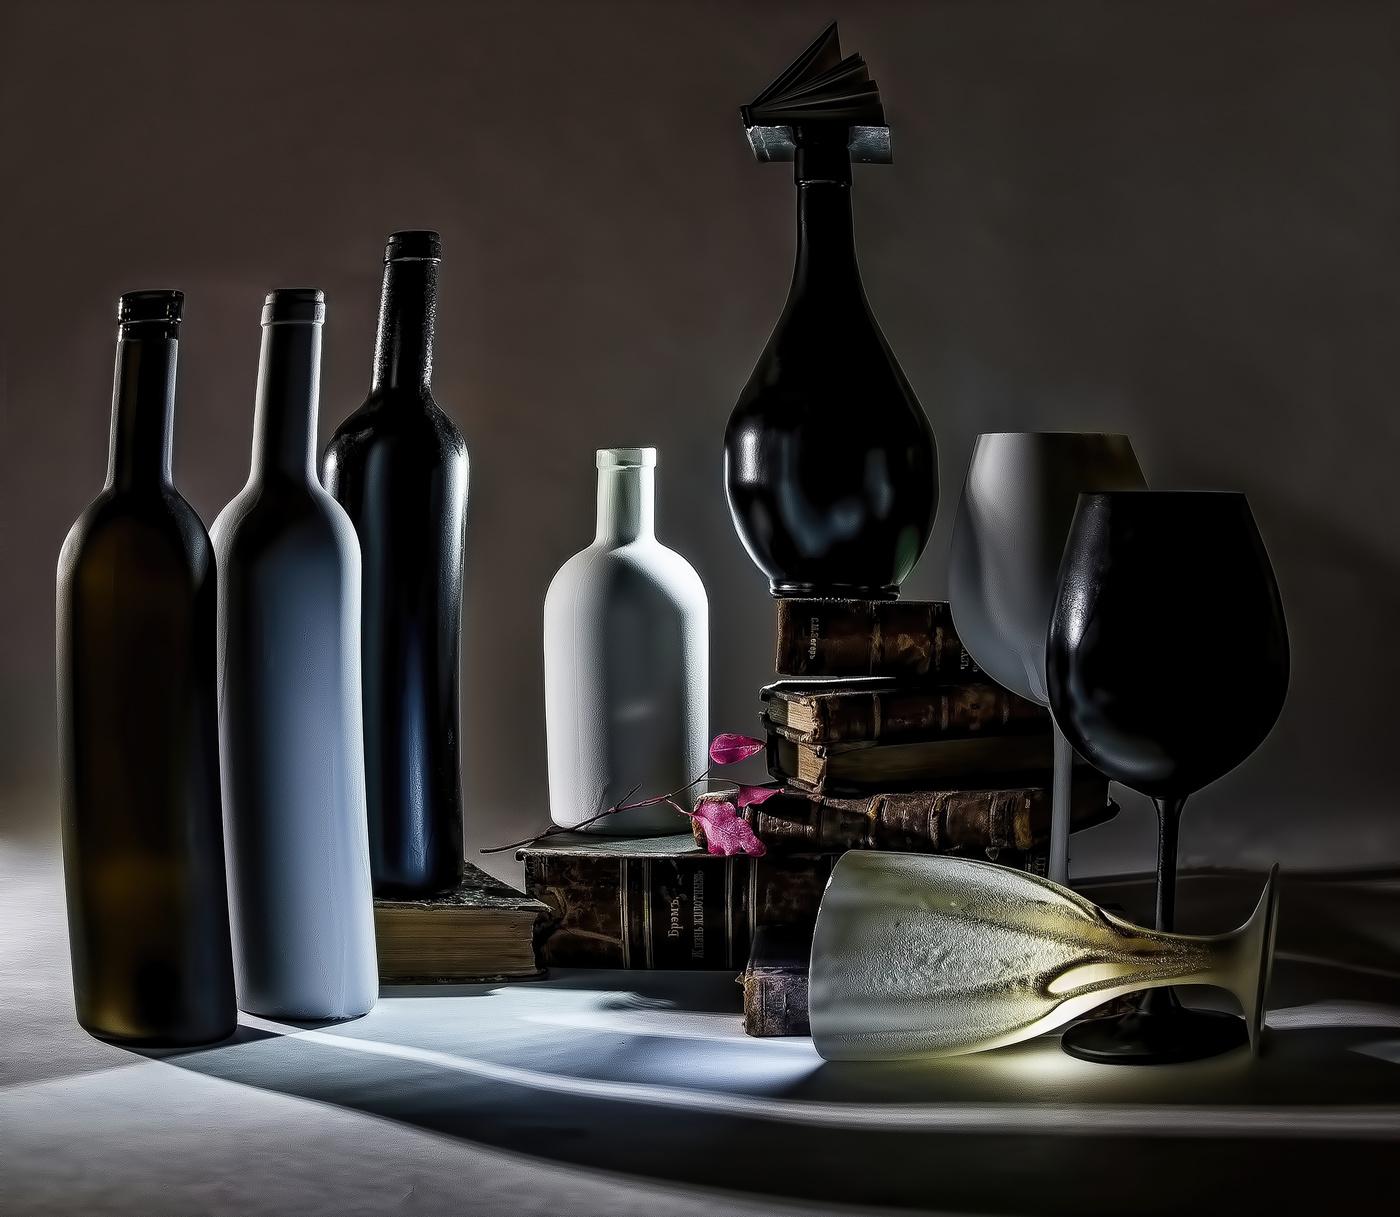 картинки с натюрмортами с бутылками его